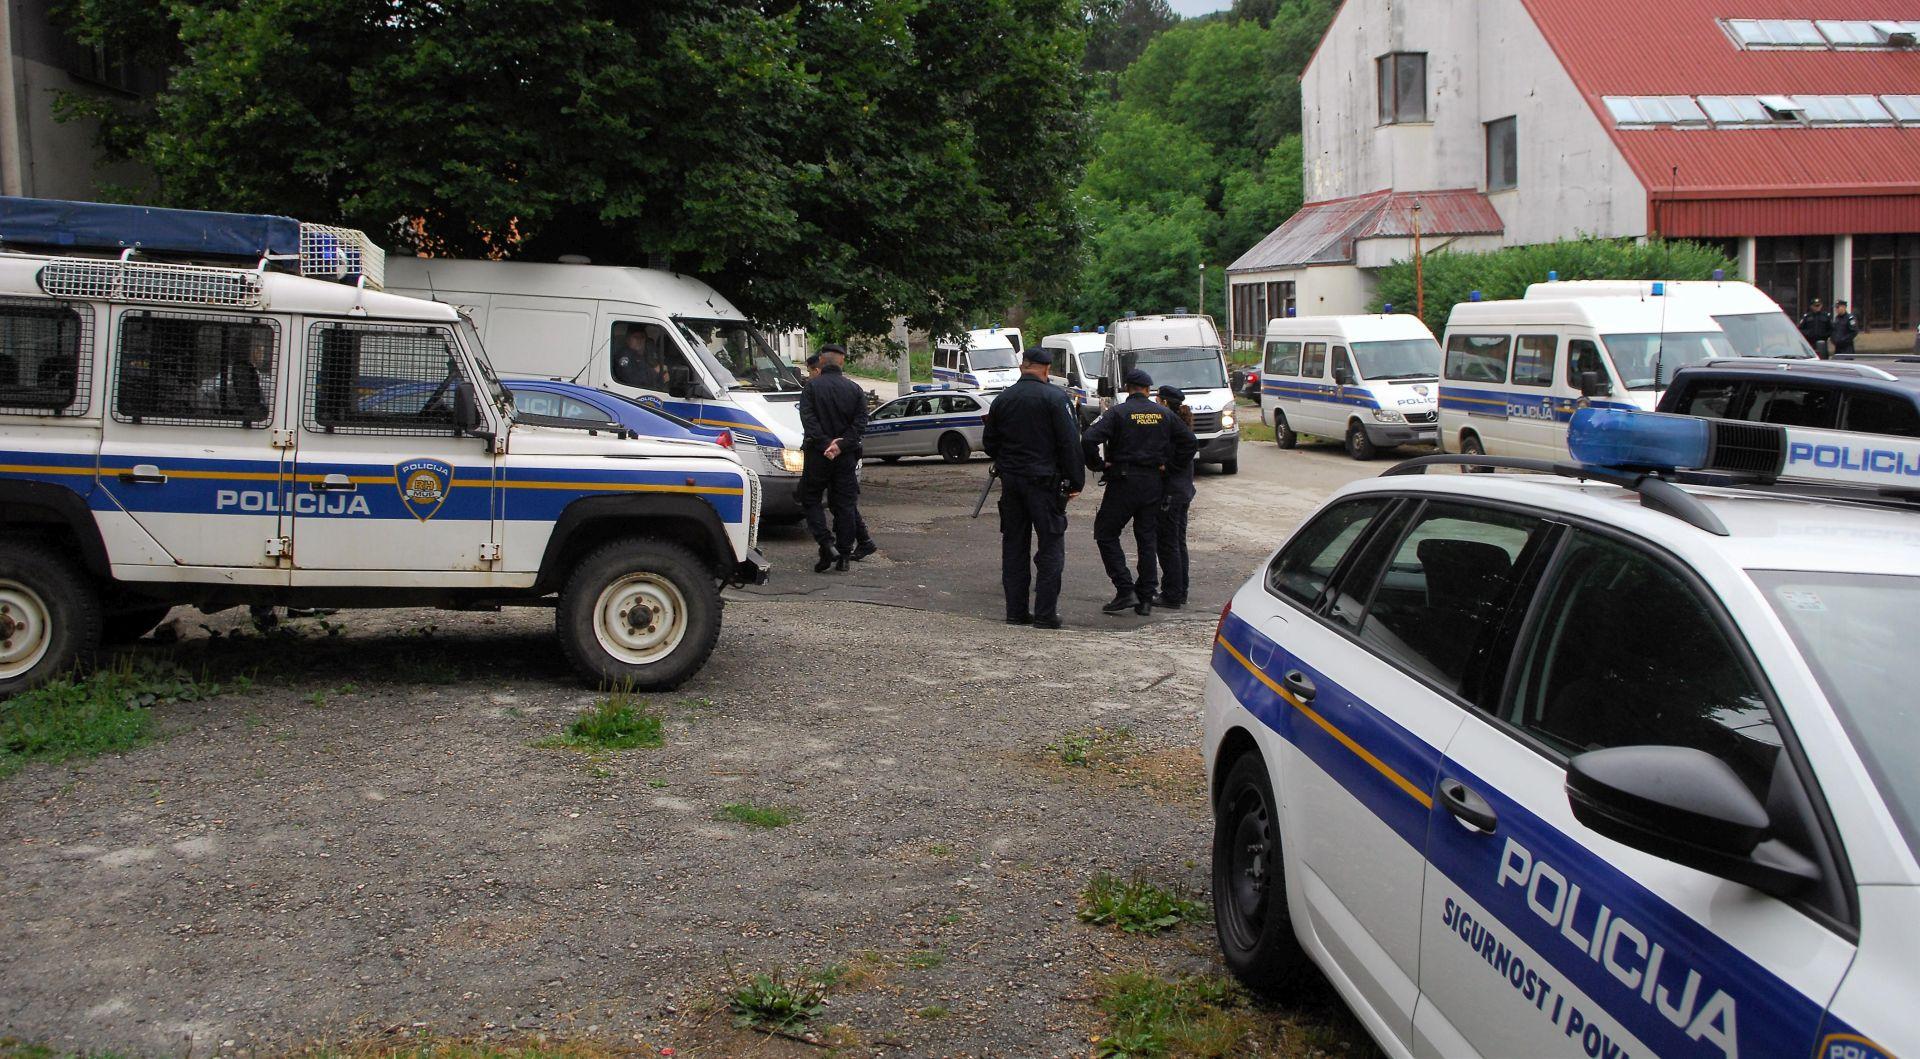 OČEVID GOTOV Policija i dalje traga za krijumčarem